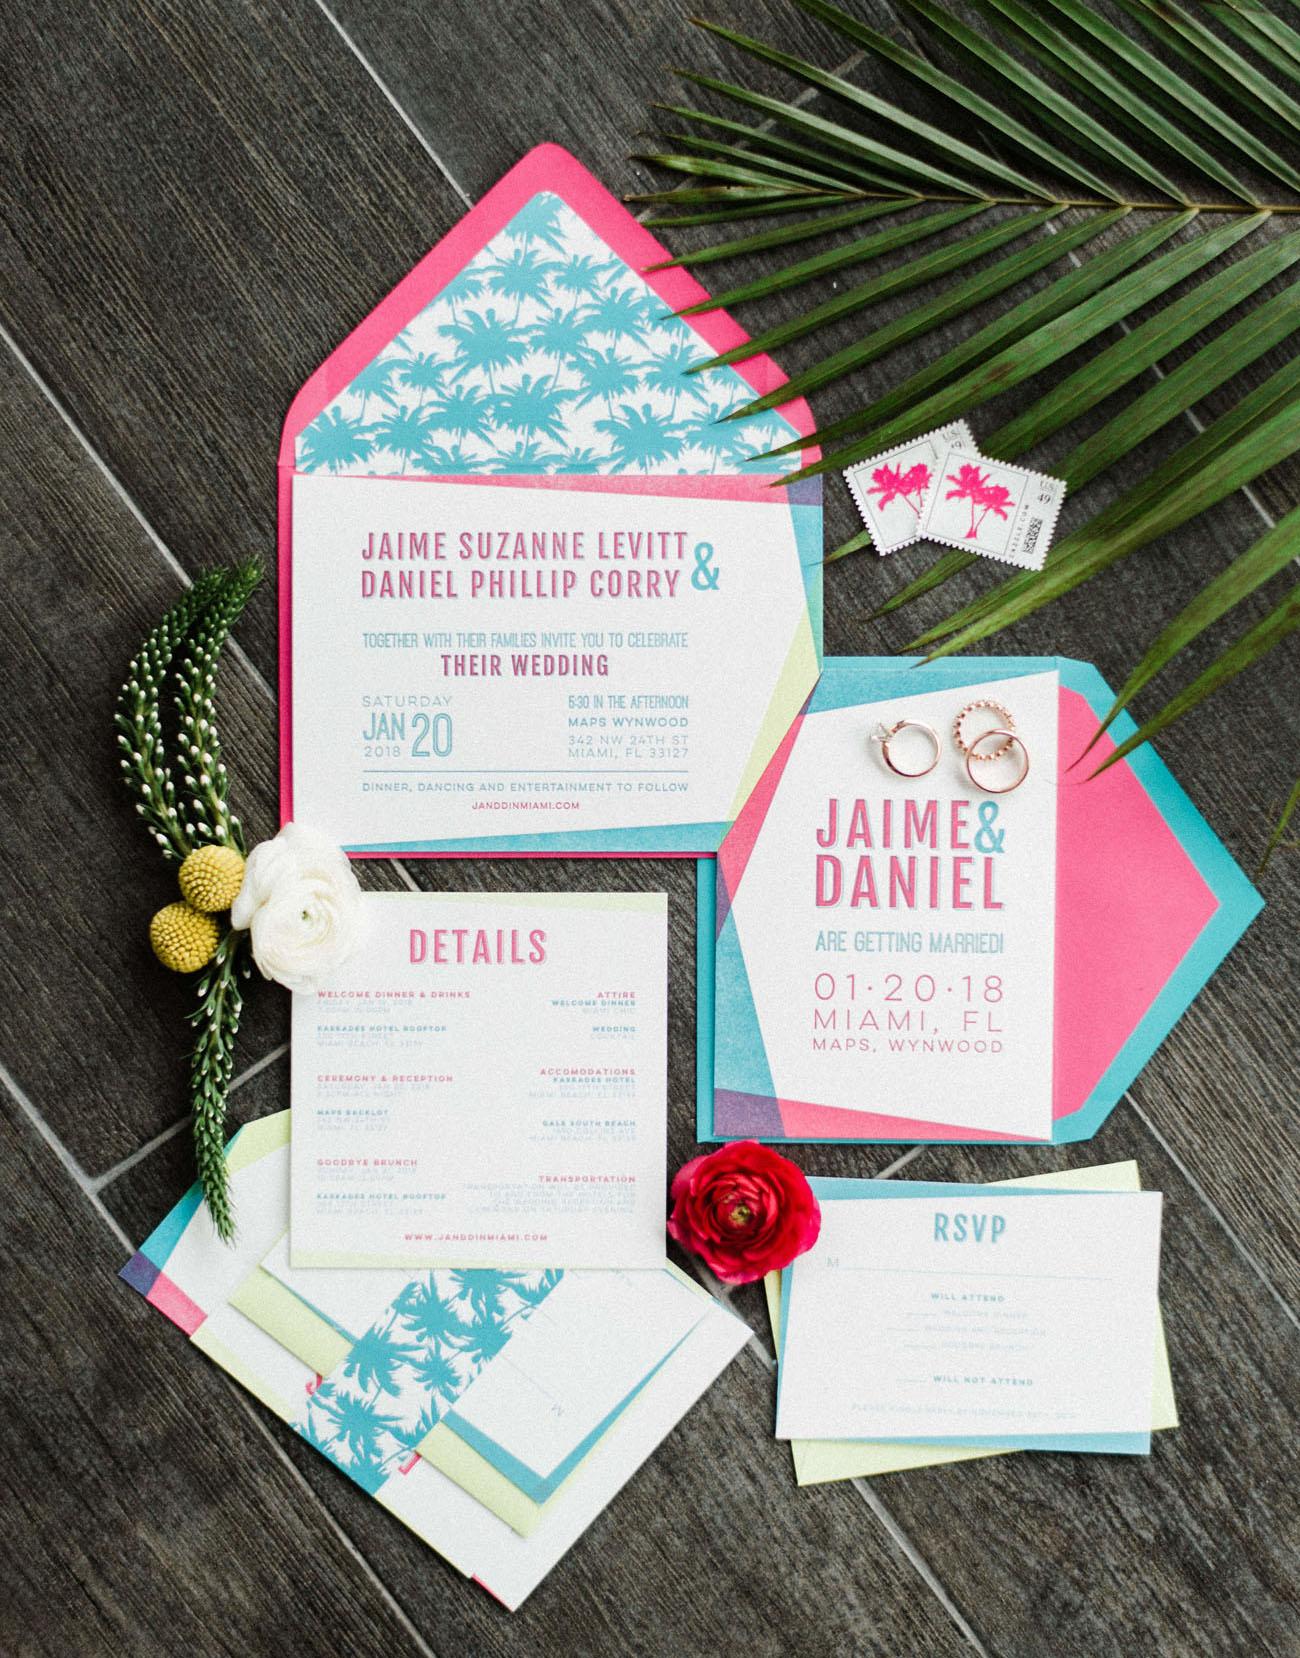 Convite de Casamento Moderno   Blog Noiva Ansiosa